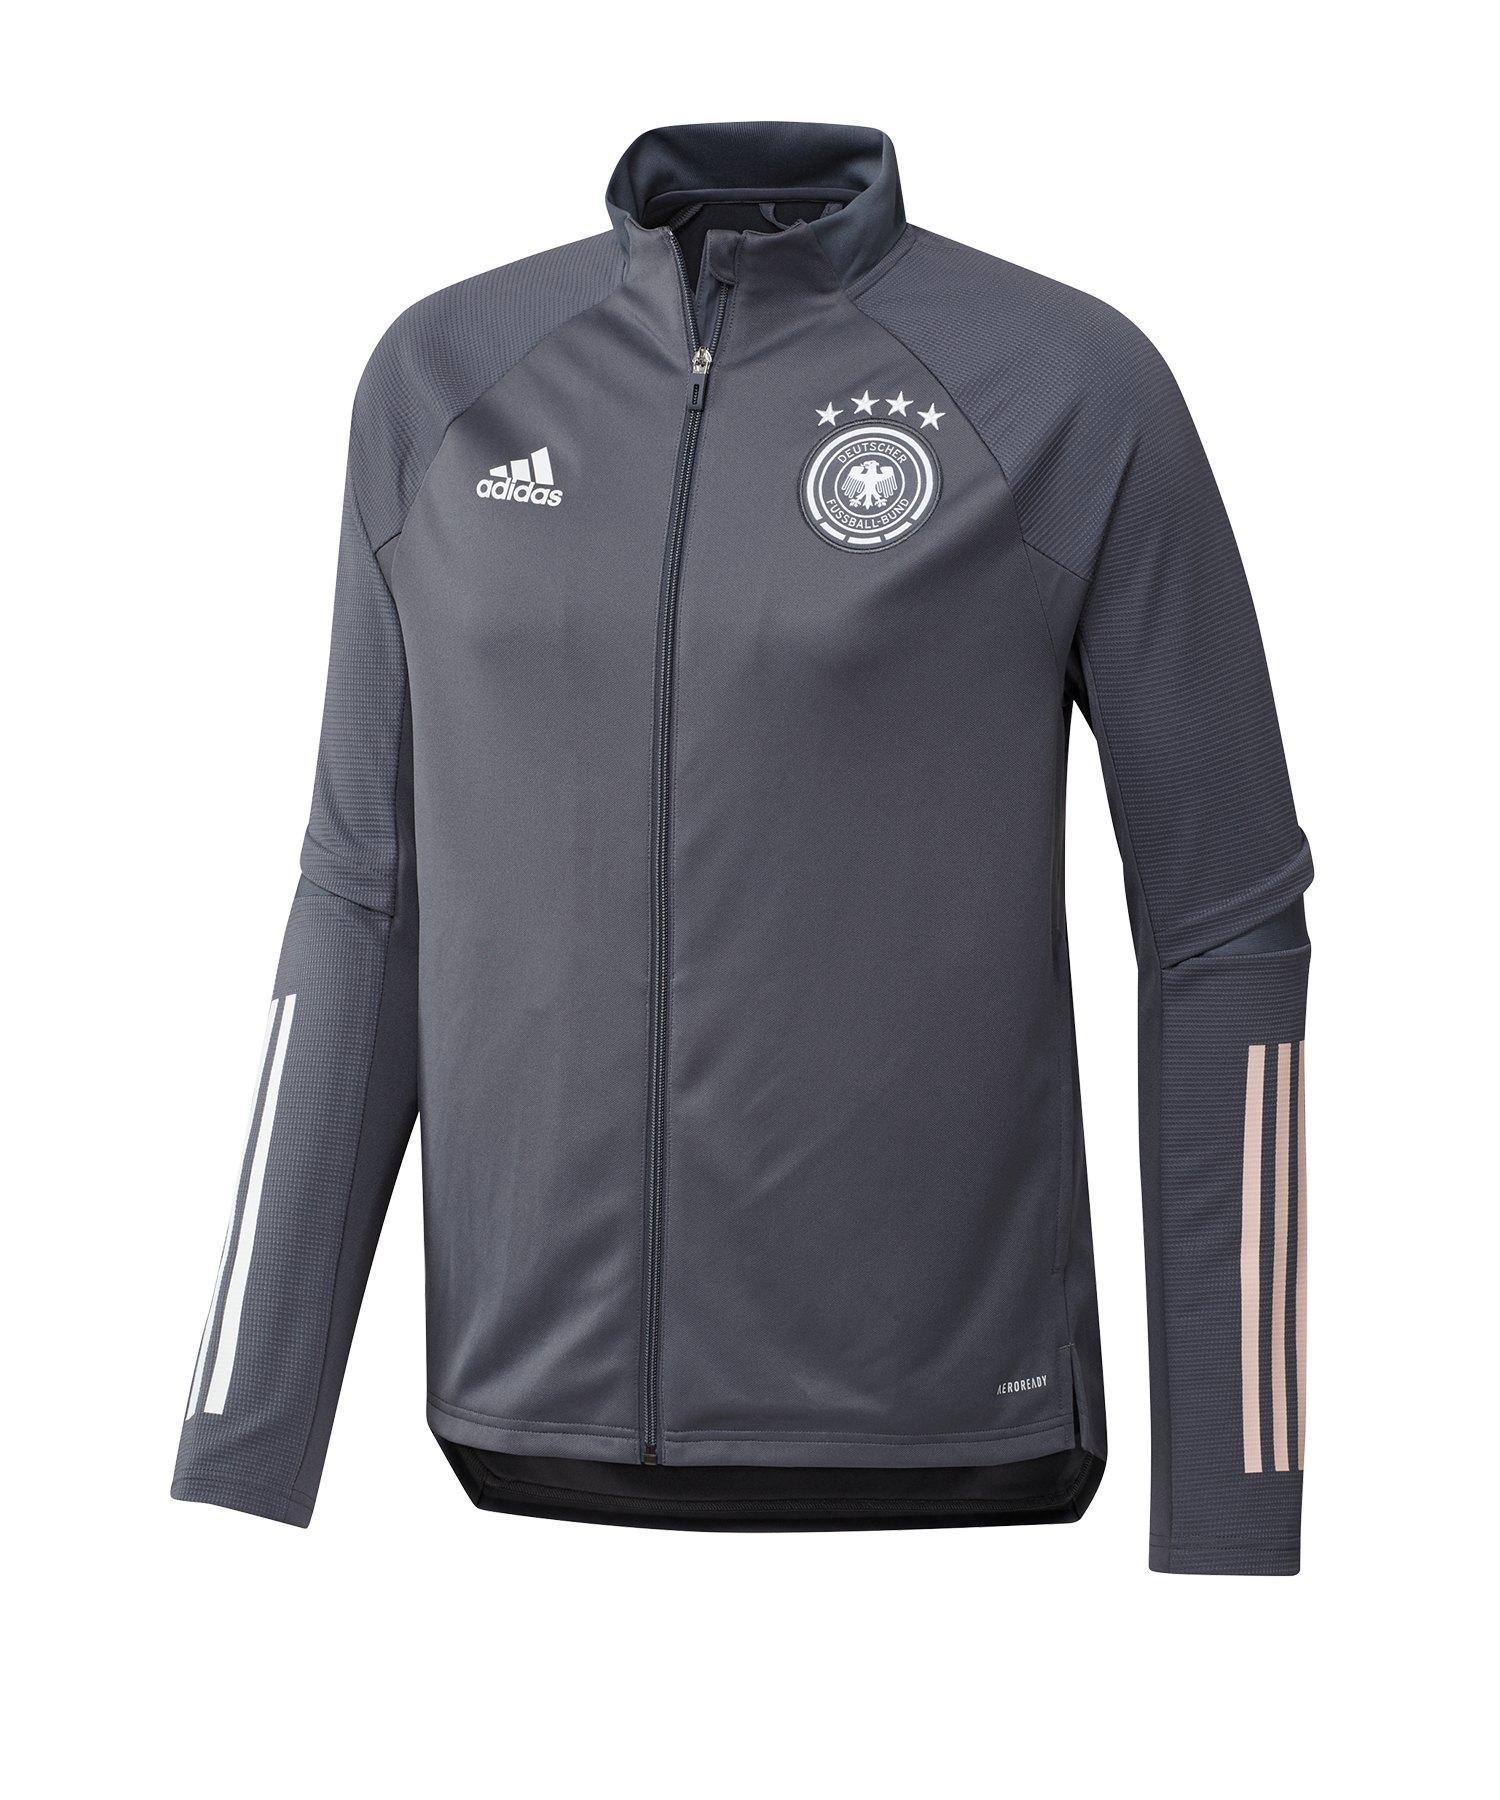 adidas DFB Deutschland Trainingsjacke Hellgrau - grau